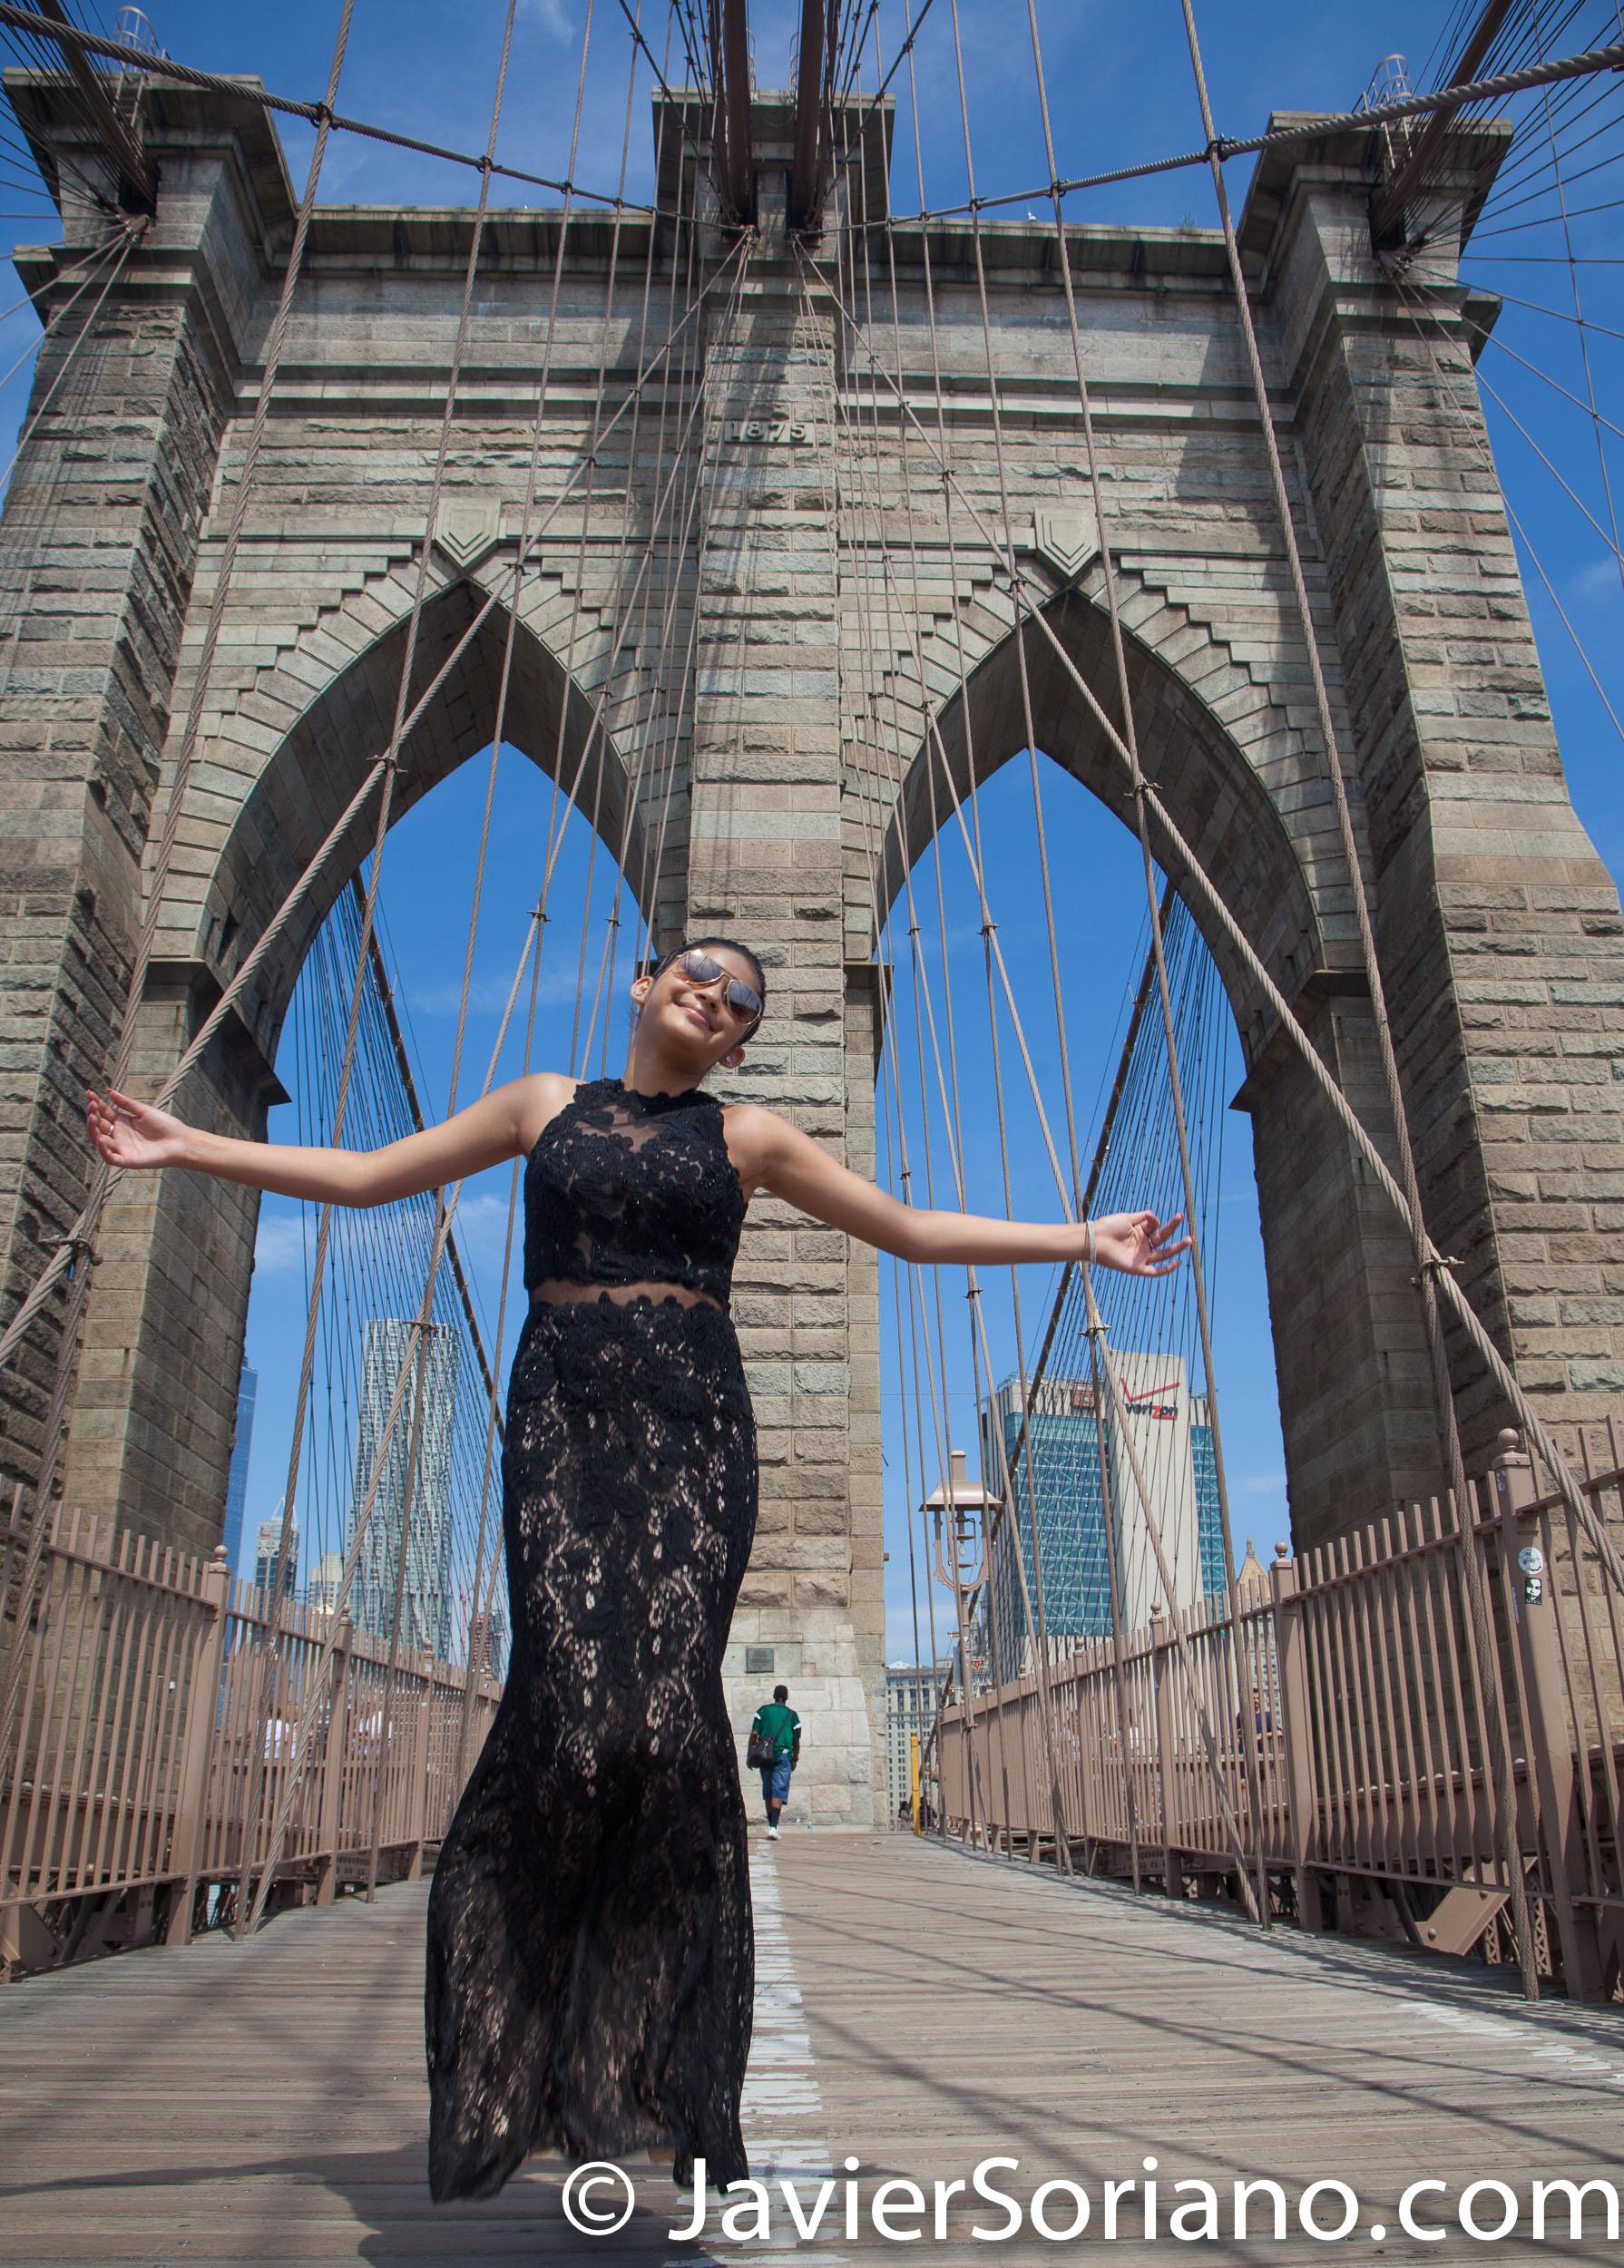 Puente de Brooklyn, Nueva York – Fui el fotógrafo de los Quinceaños de esta hermosa señorita. ¿Necesitas fotos de Quinceañera? Envíeme un mensaje. Foto por Javier Soriano/www.JavierSoriano.com